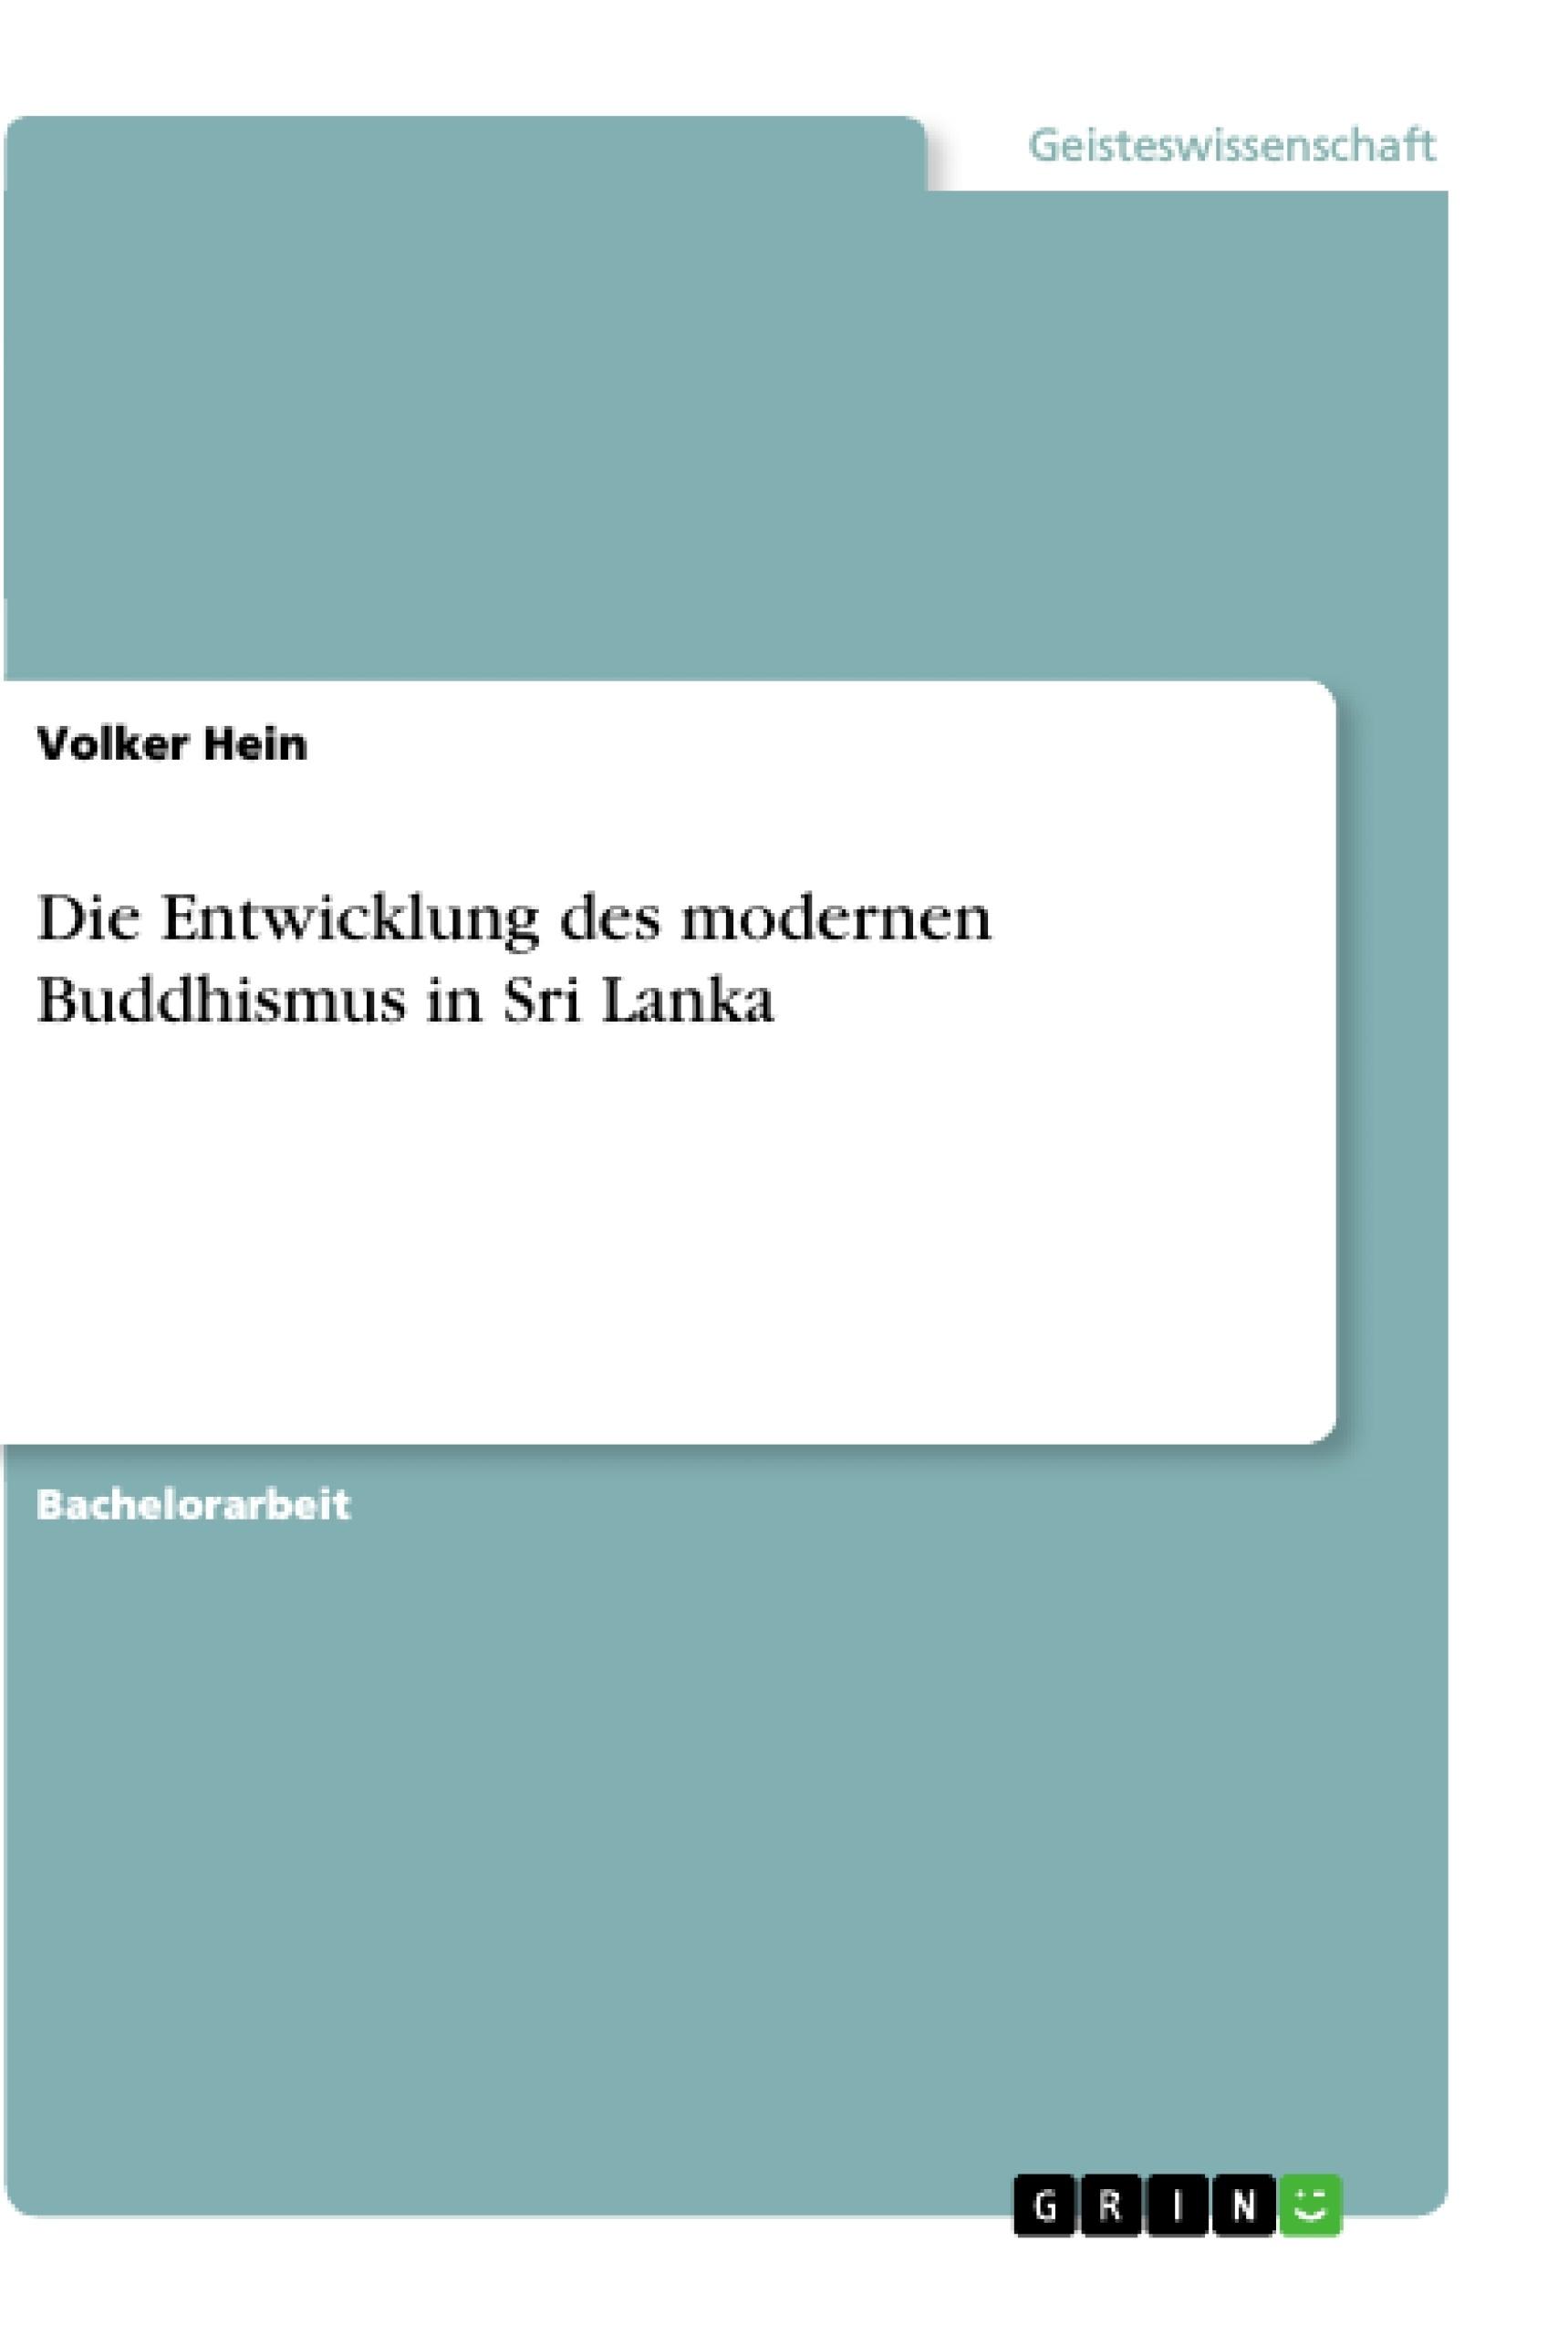 Titel: Die Entwicklung des modernen Buddhismus in Sri Lanka